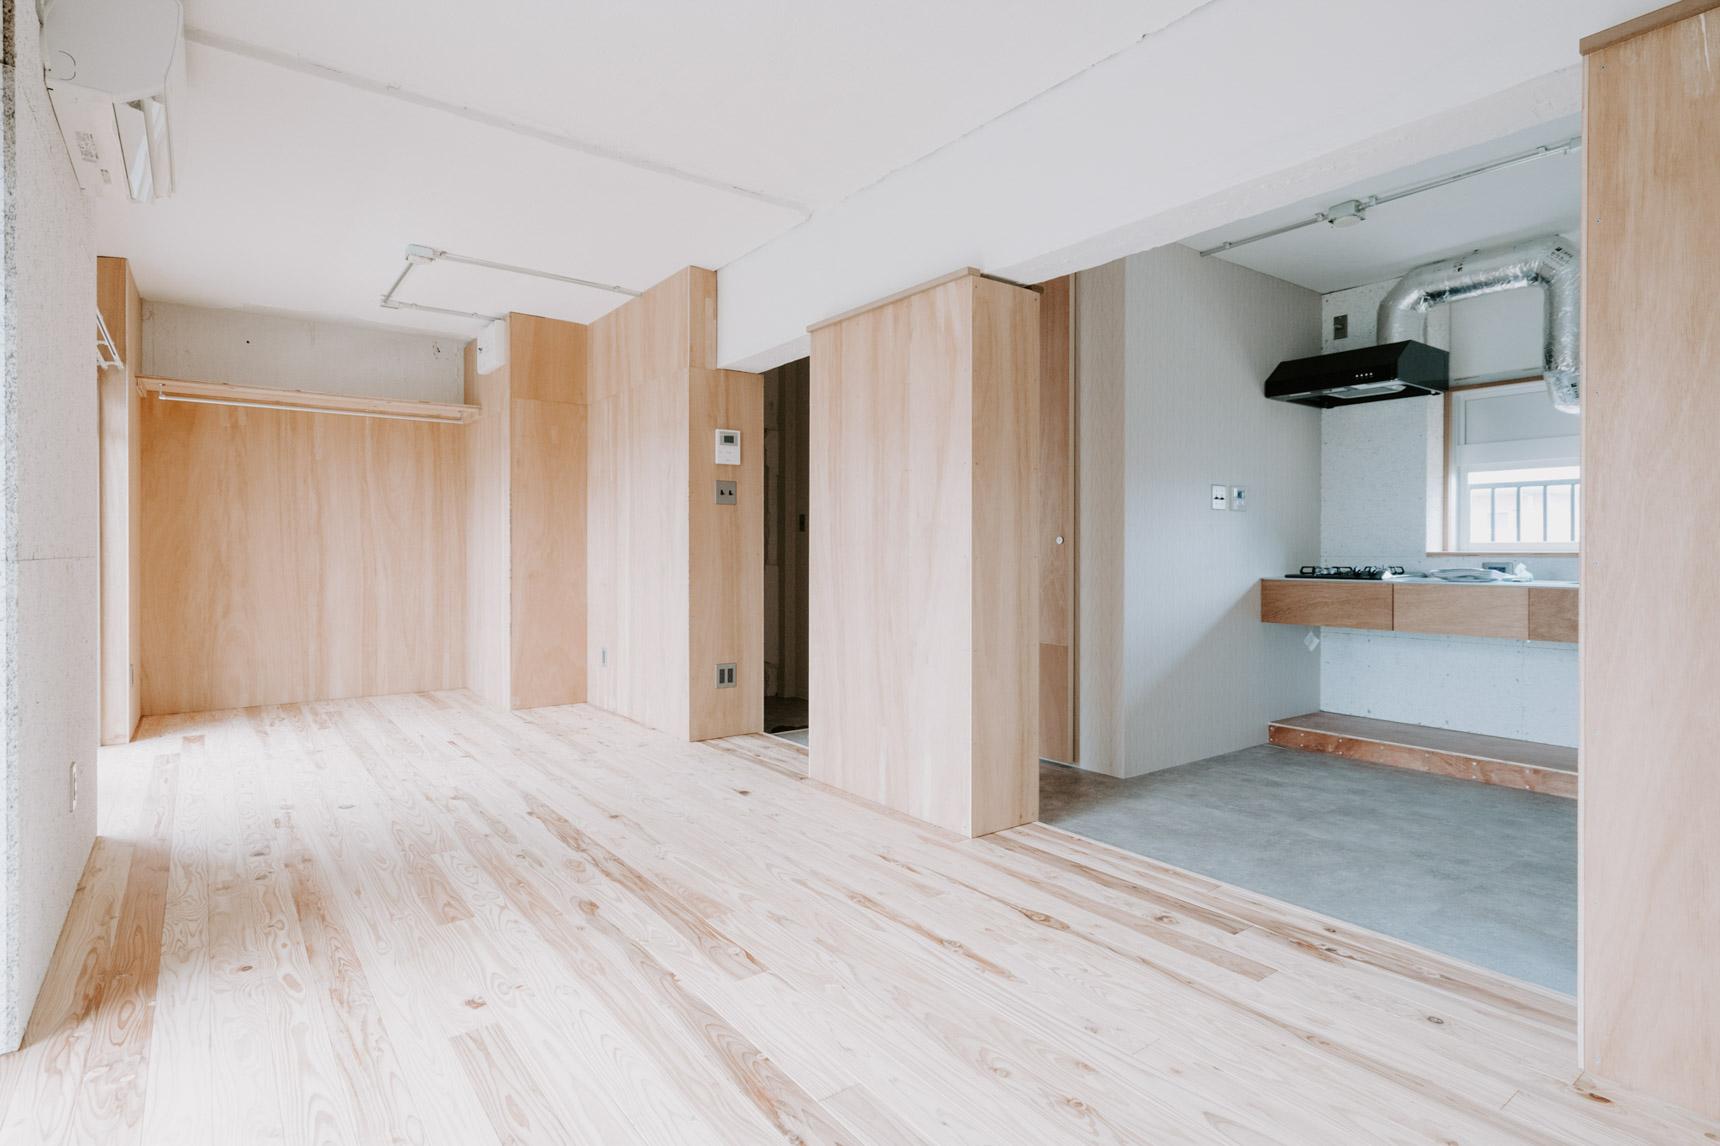 こちらが、入居者さんへの引き渡し状態のお部屋。いろんなカスタマイズがしやすいように工夫されているお部屋です。